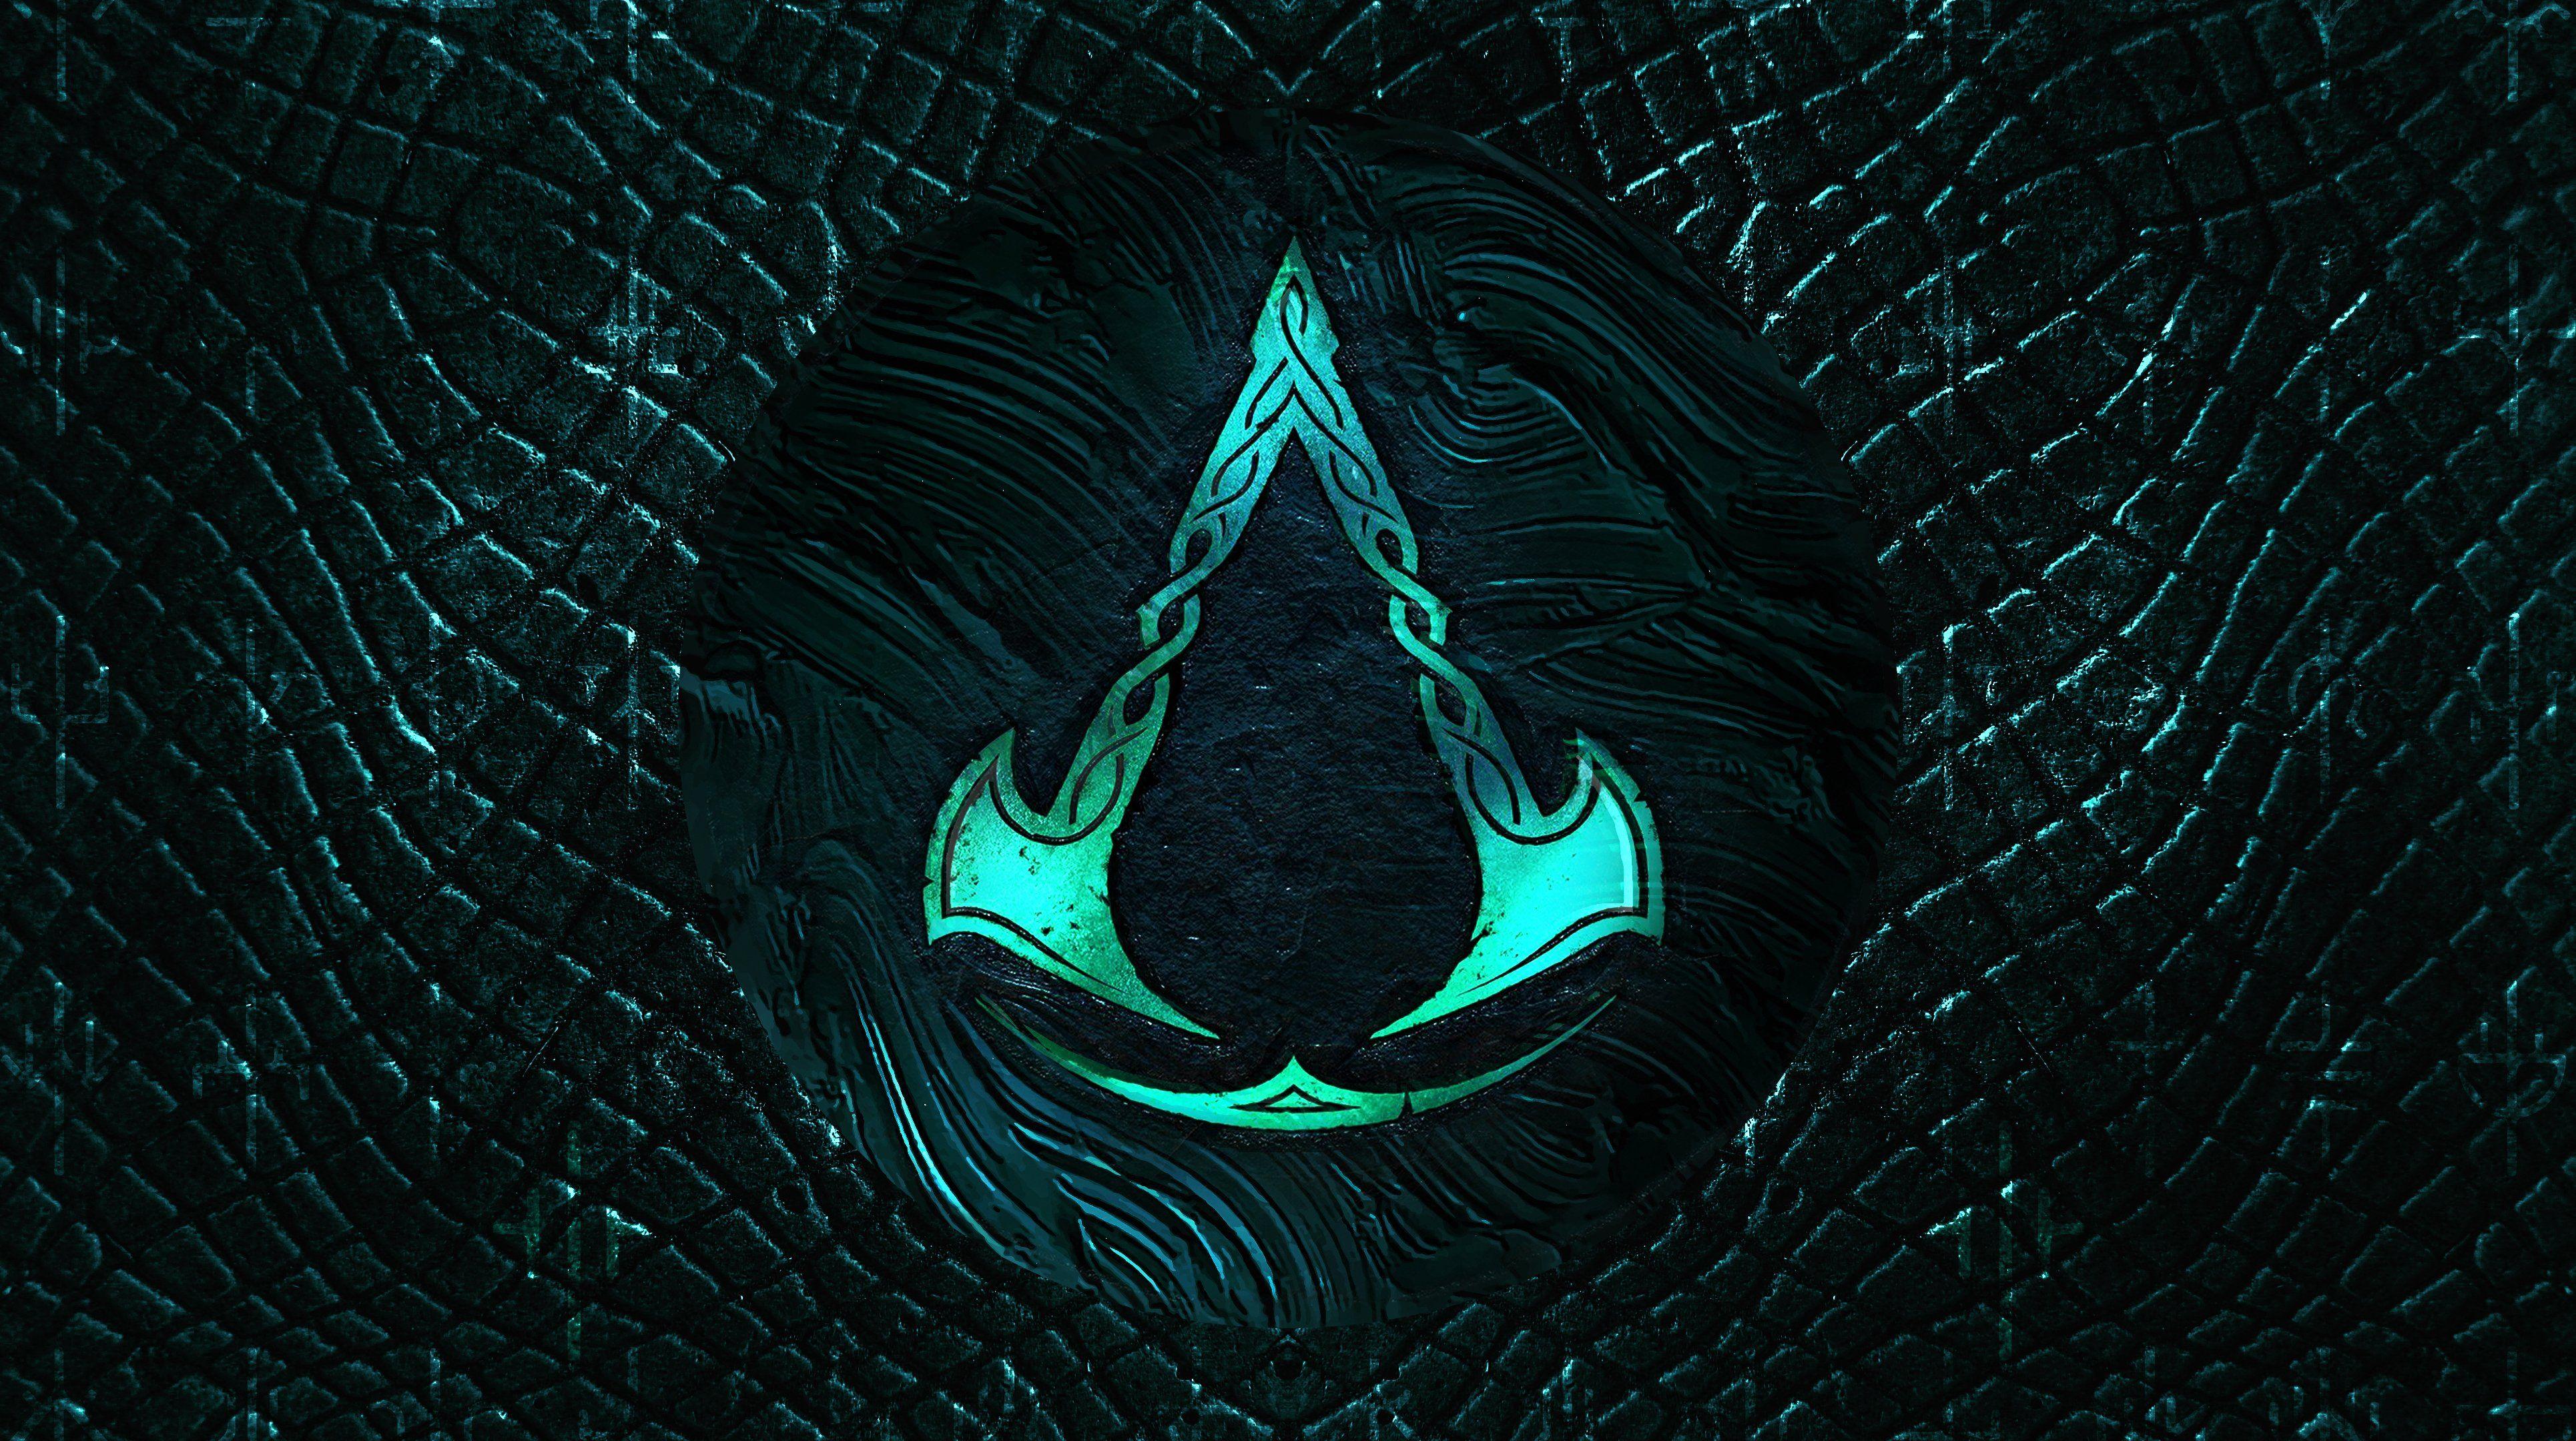 Assassins Creed Valhalla Logo 4k Assassins Creed Valhalla Logo Wallpapers Assassins Creed Val Assassin S Creed Wallpaper Assassin S Creed Assassins Creed Logo